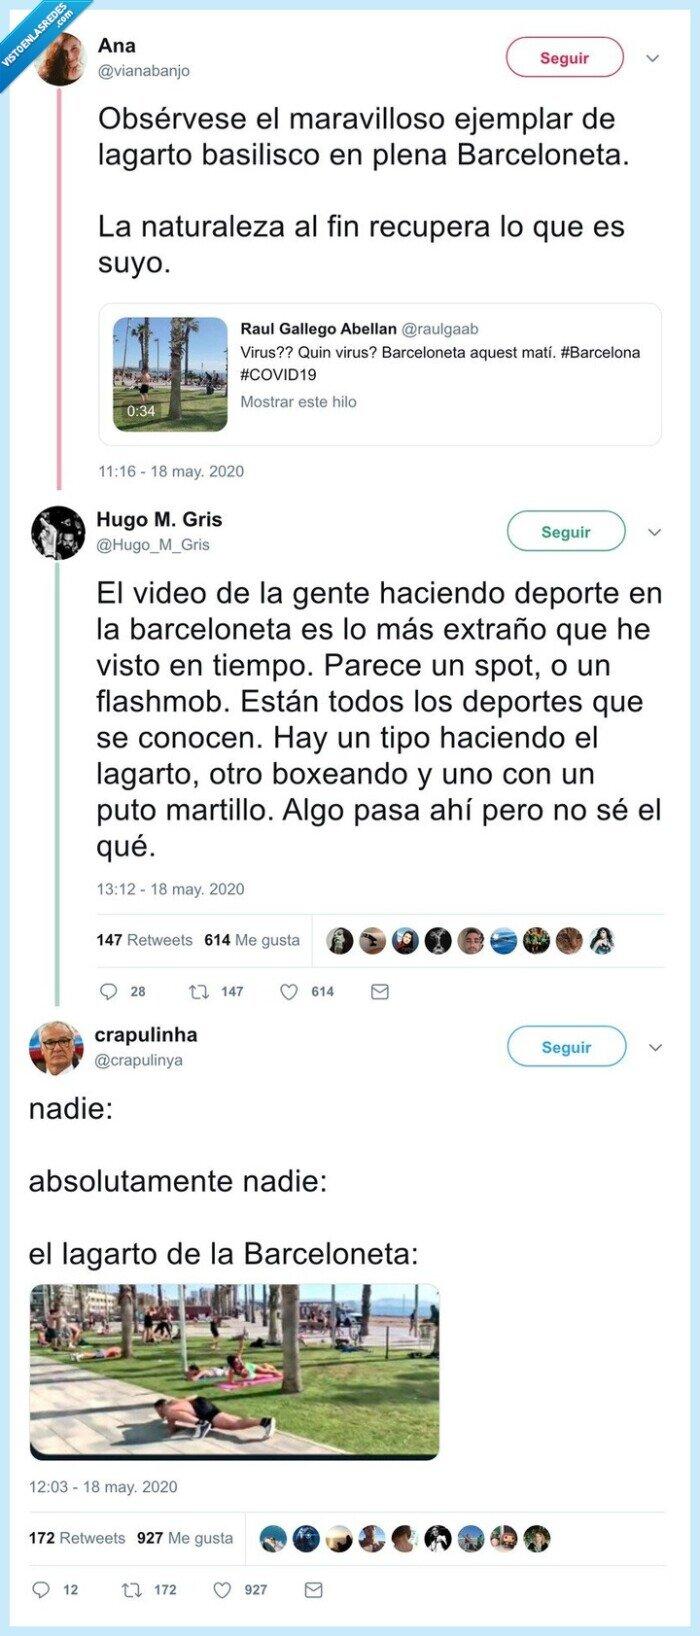 583080 - El video de la gente haciendo deporte en la Barceloneta es lo más extraño que verás en mucho tiempo, y los memes son aún mejores